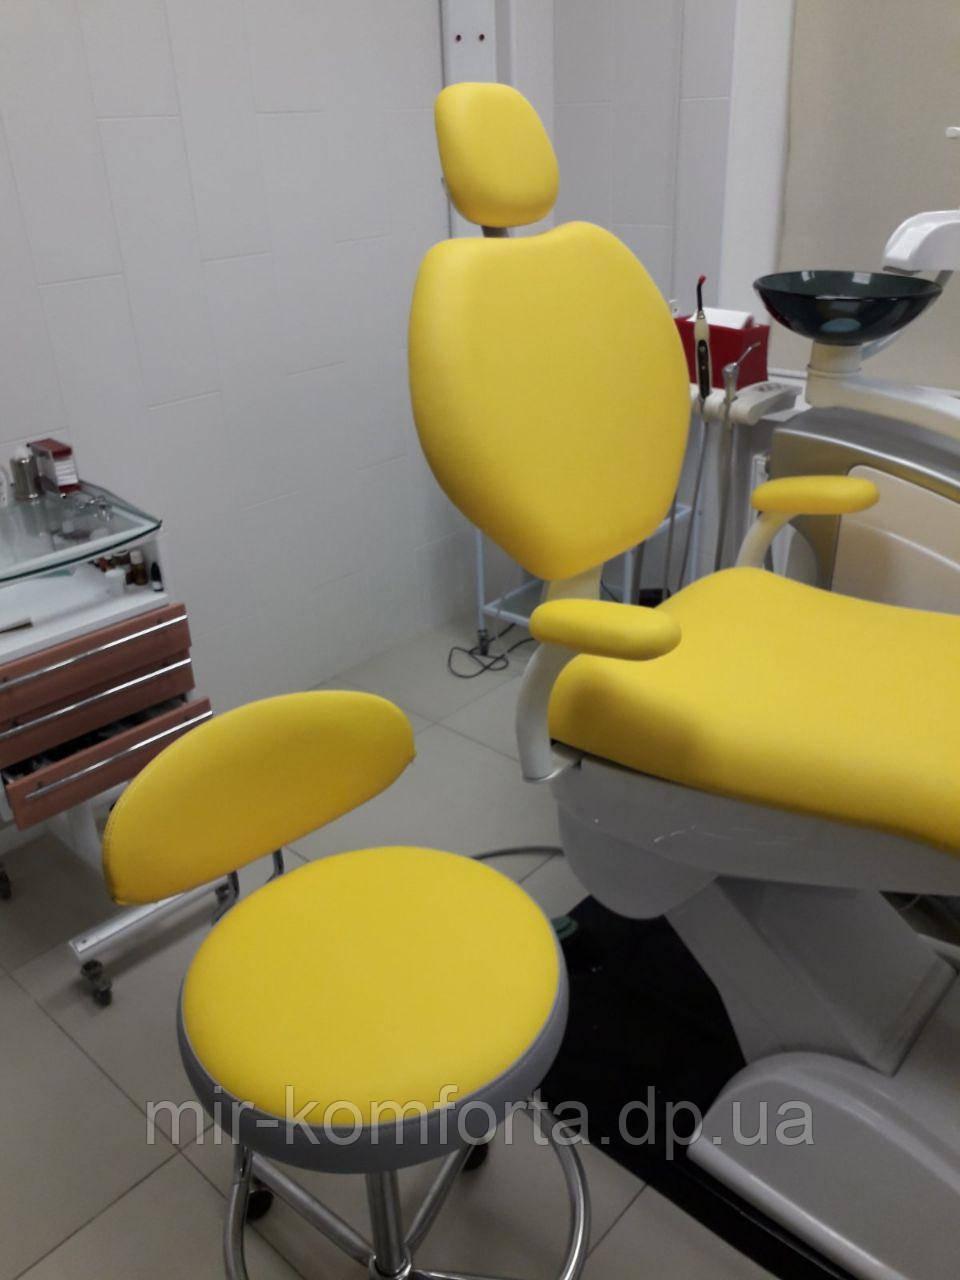 Реставрация стоматологической установки